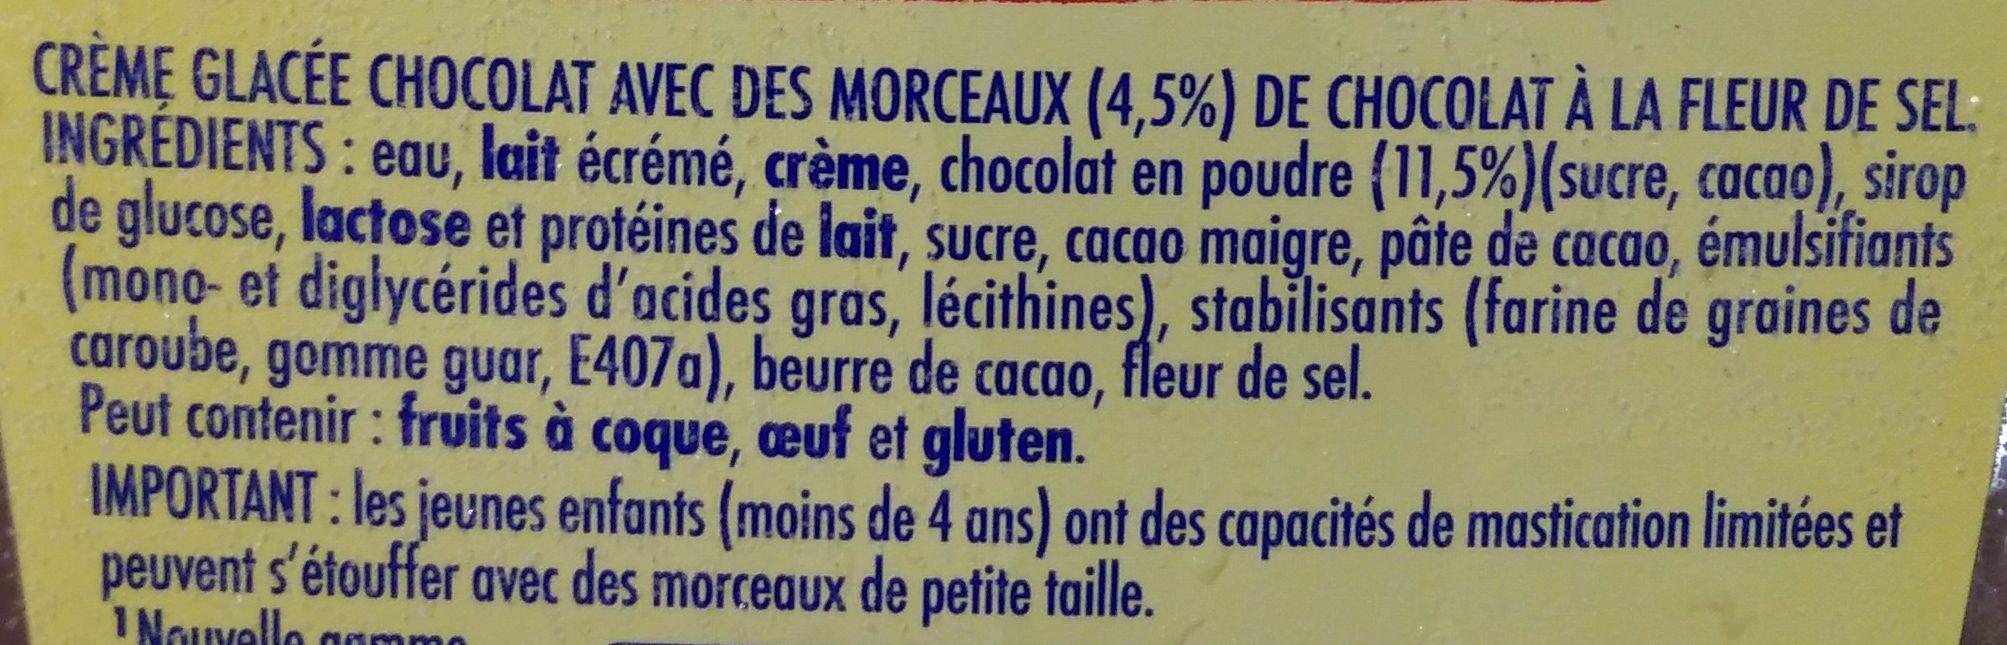 La Laitière Chocolat et Fleur de Sel - Ingrédients